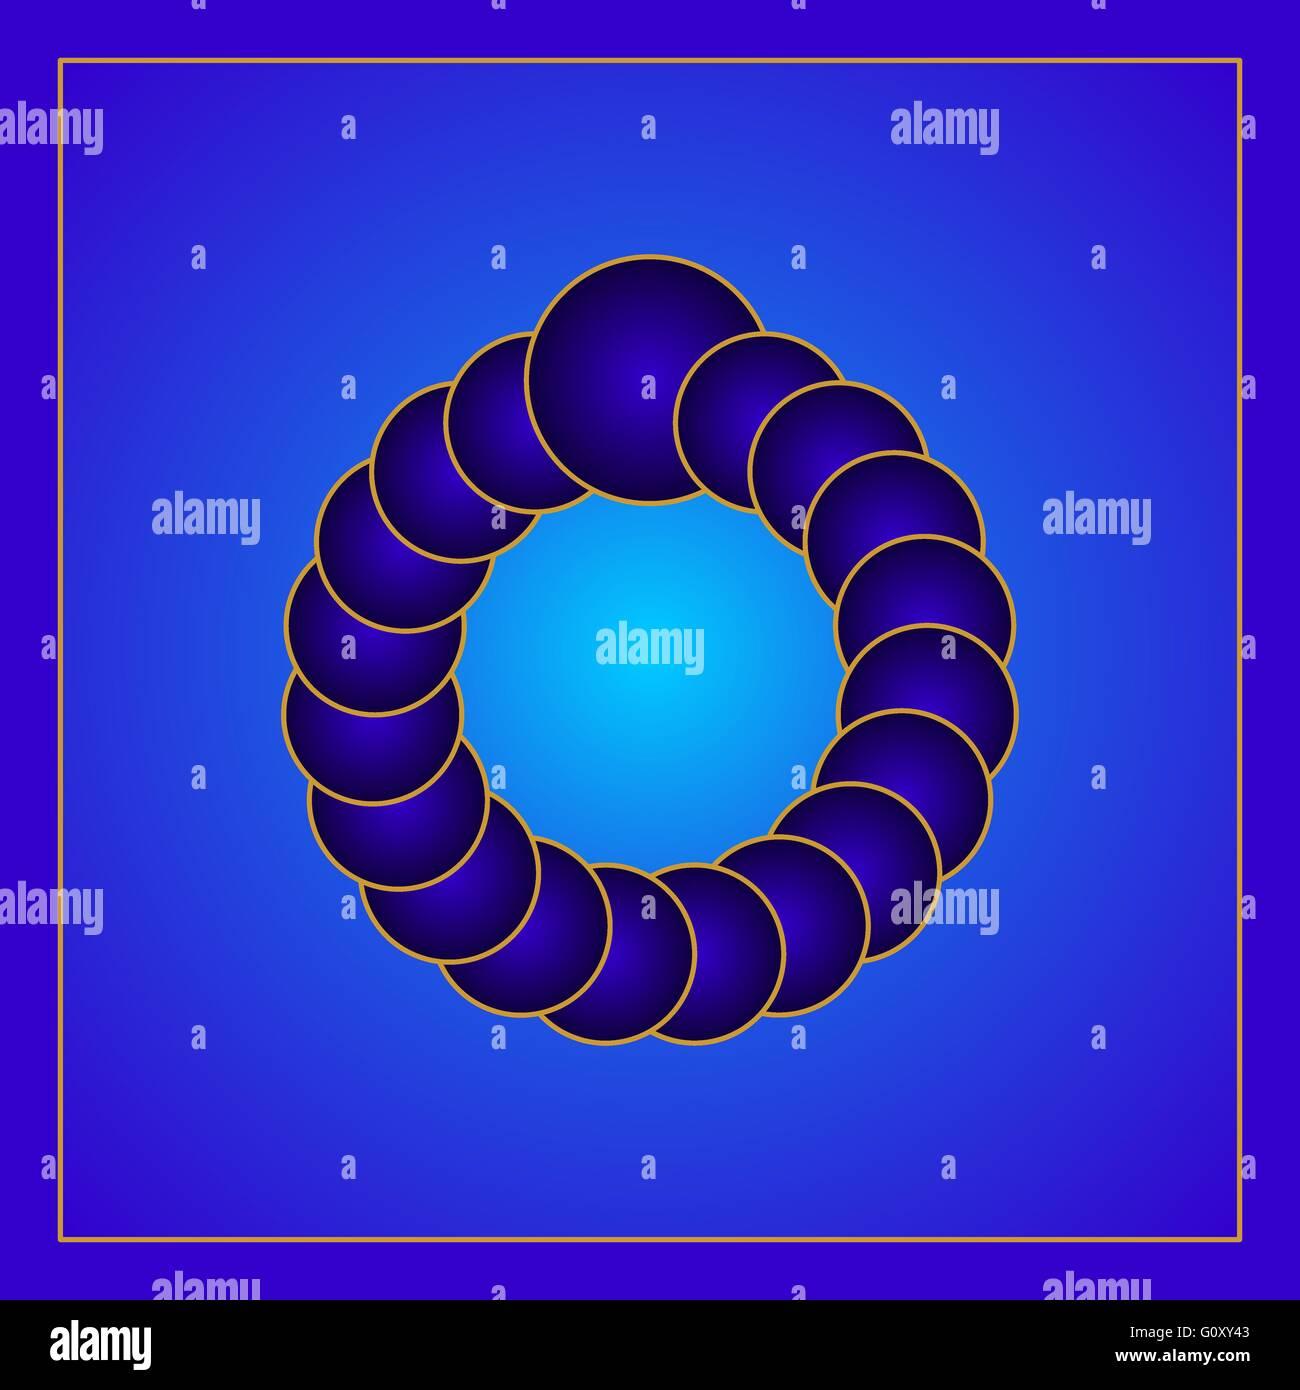 Óptico azul ilusión visual creado por los círculos formando un anillo virtual. Gradiente de color Imagen De Stock